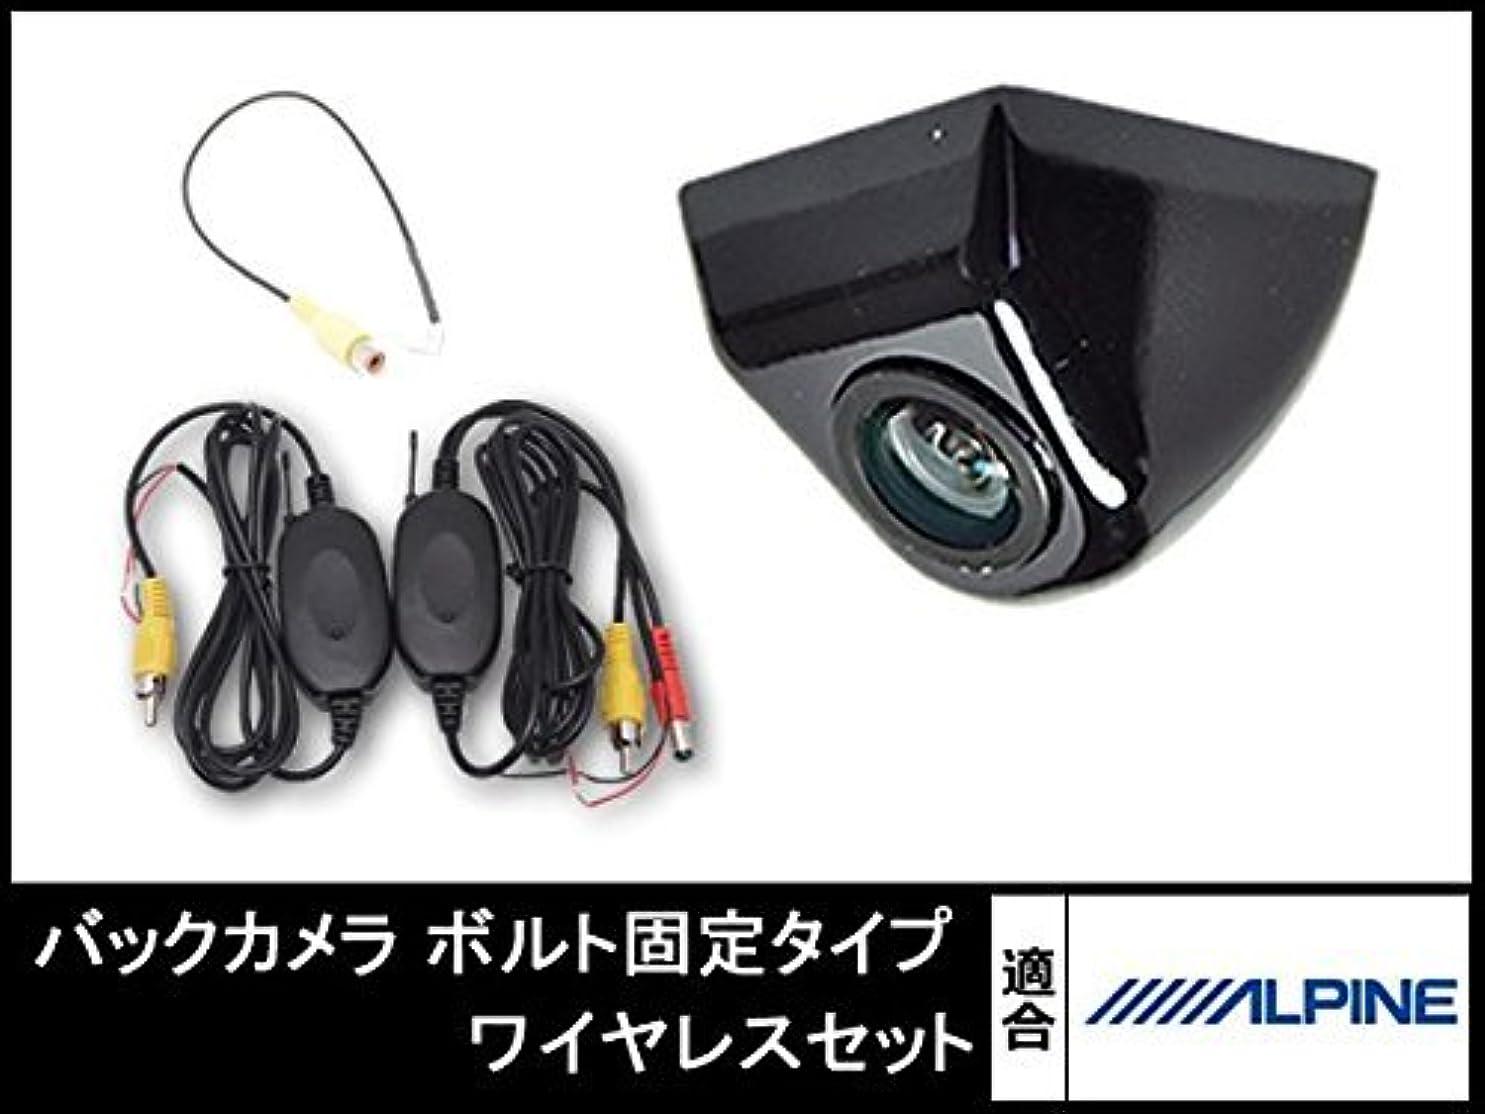 カーフ動揺させるバックグラウンドEX8 対応 高画質 バックカメラ ボルト固定タイプ ブラック 車載用 広角170° 超高精細 CMOS センサー 【ワイヤレスキット付】